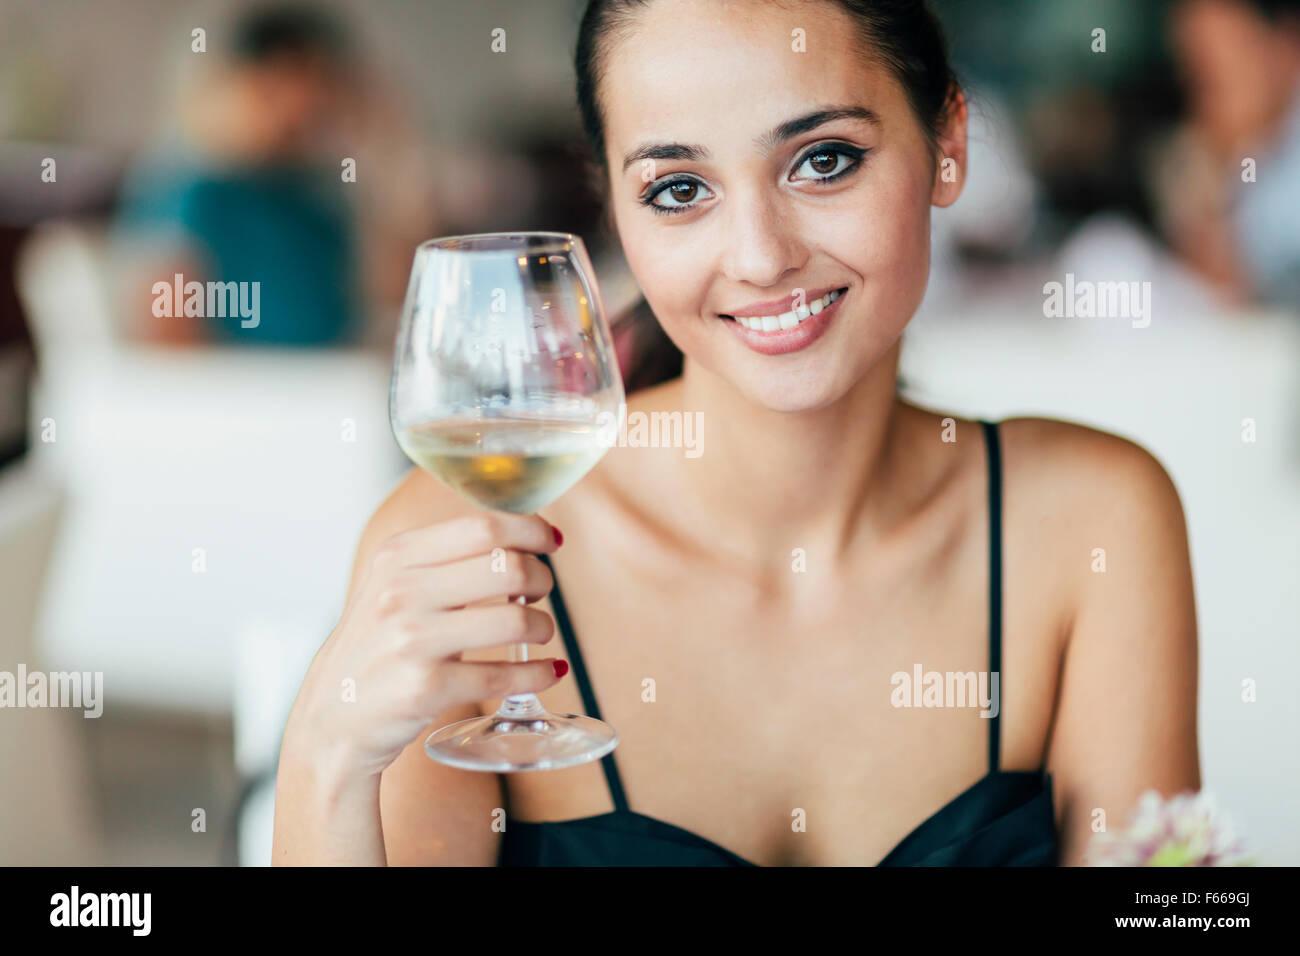 Donna di degustazione di vino bianco nel ristorante e sollevamento di conseguenza di vetro Foto Stock